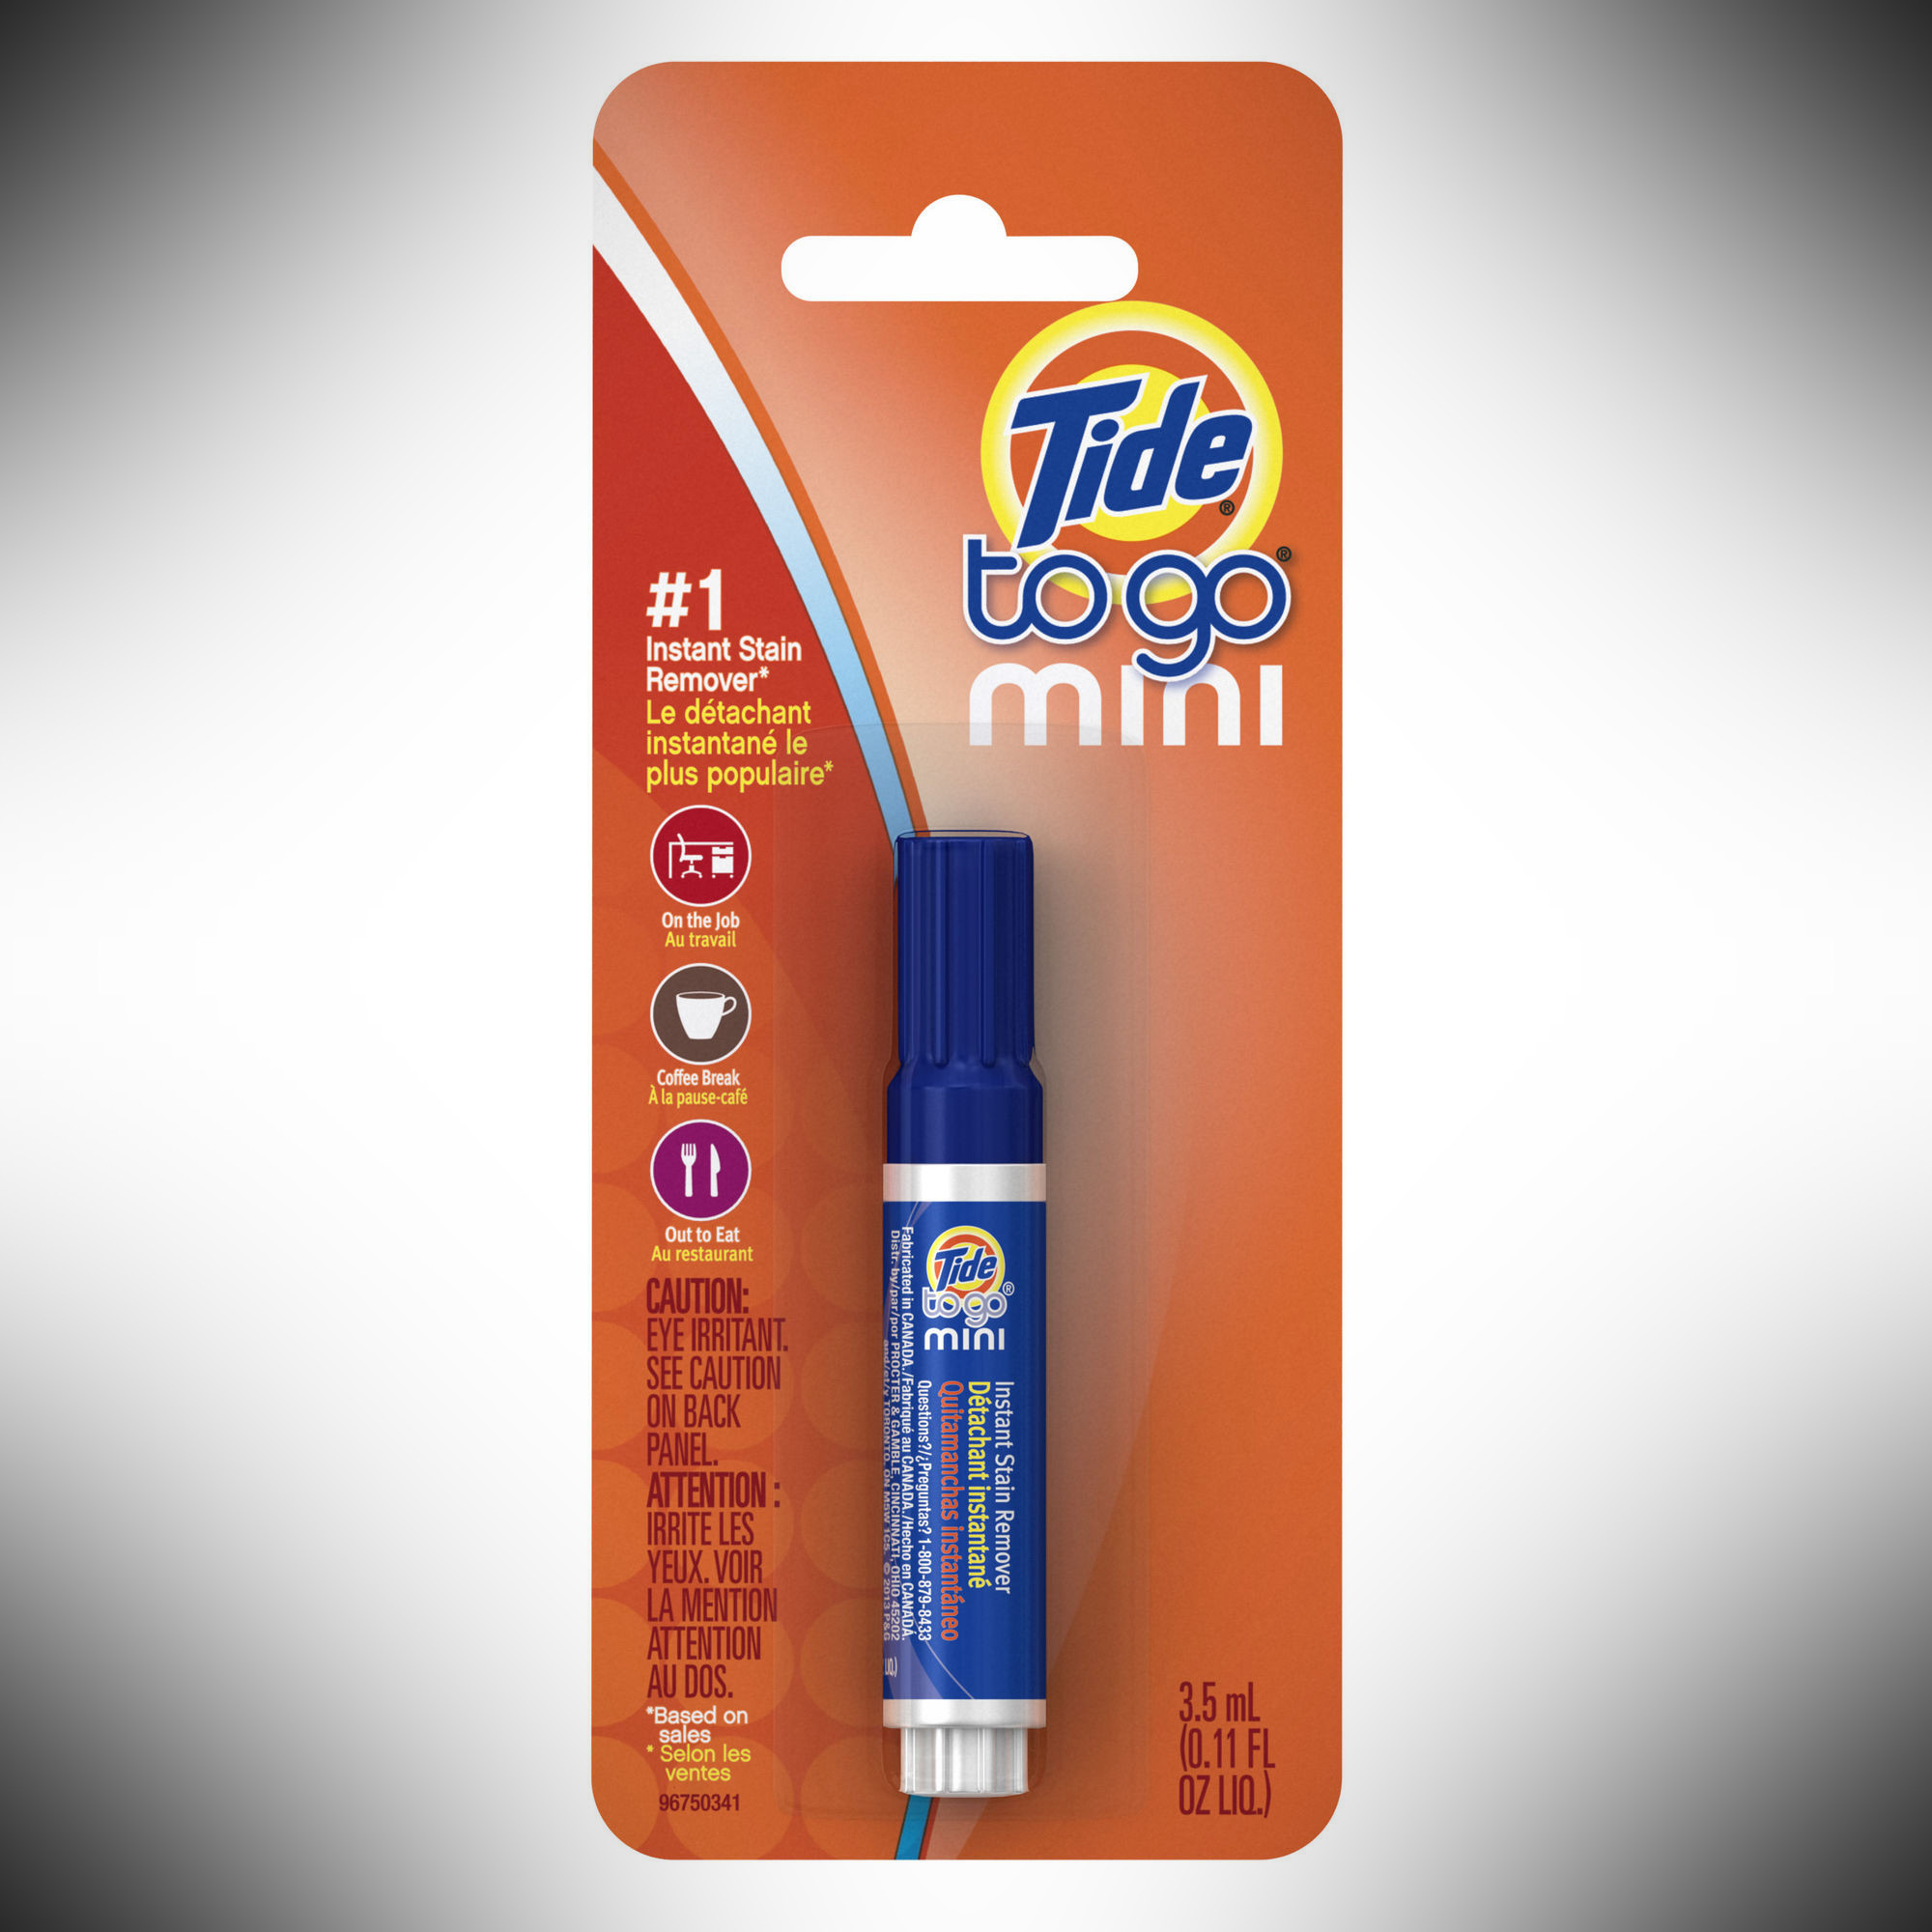 Tide To-Go Mini – dopp kit essentials